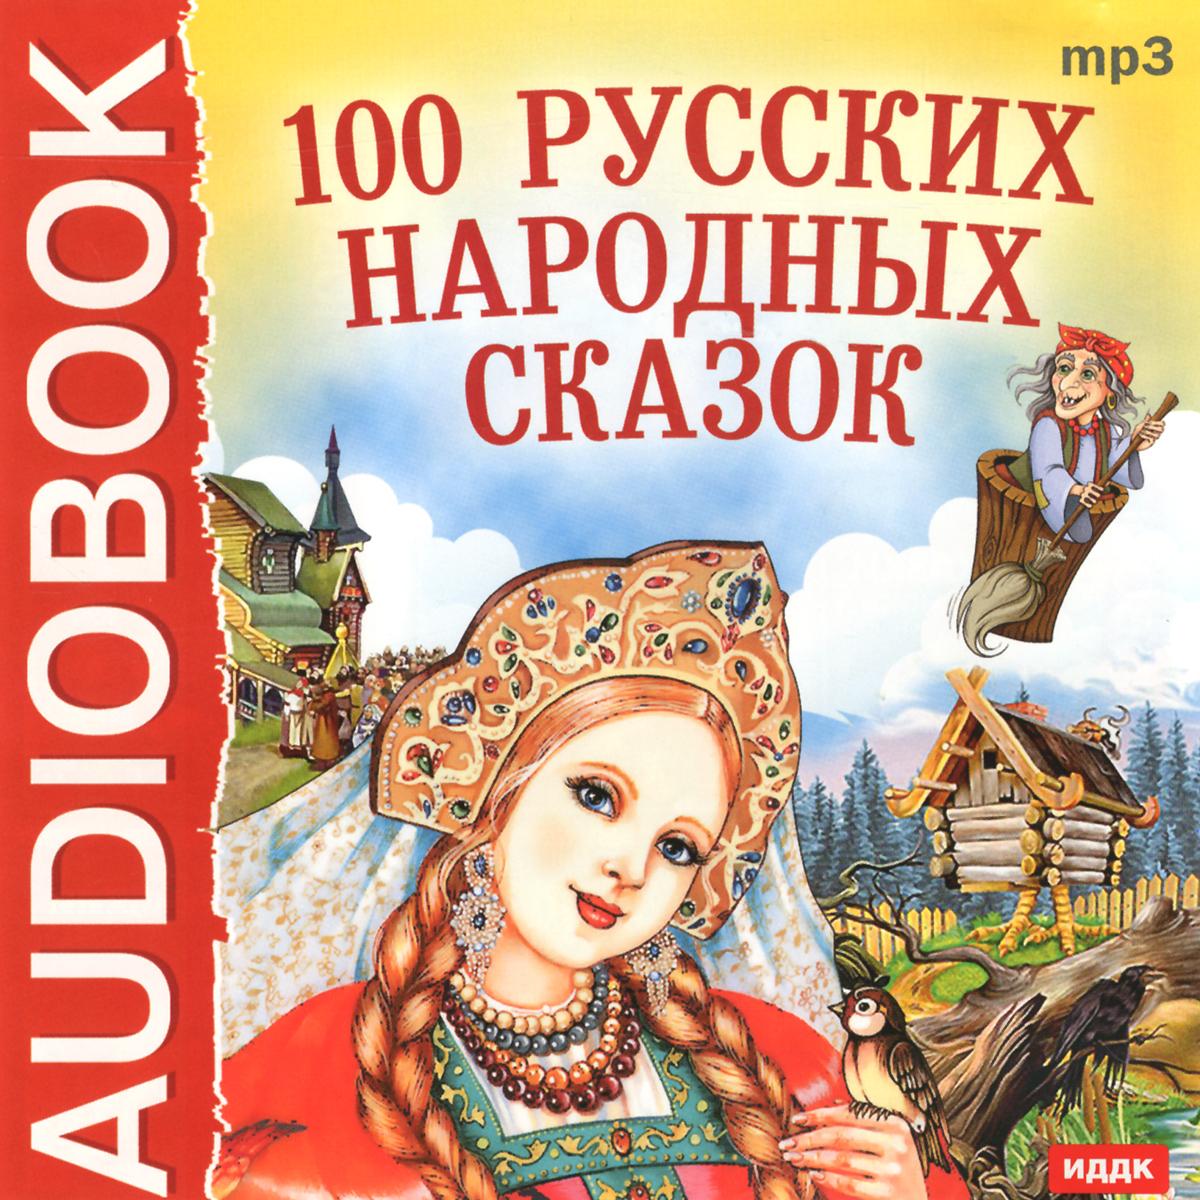 Сказки русские народные 22 фотография